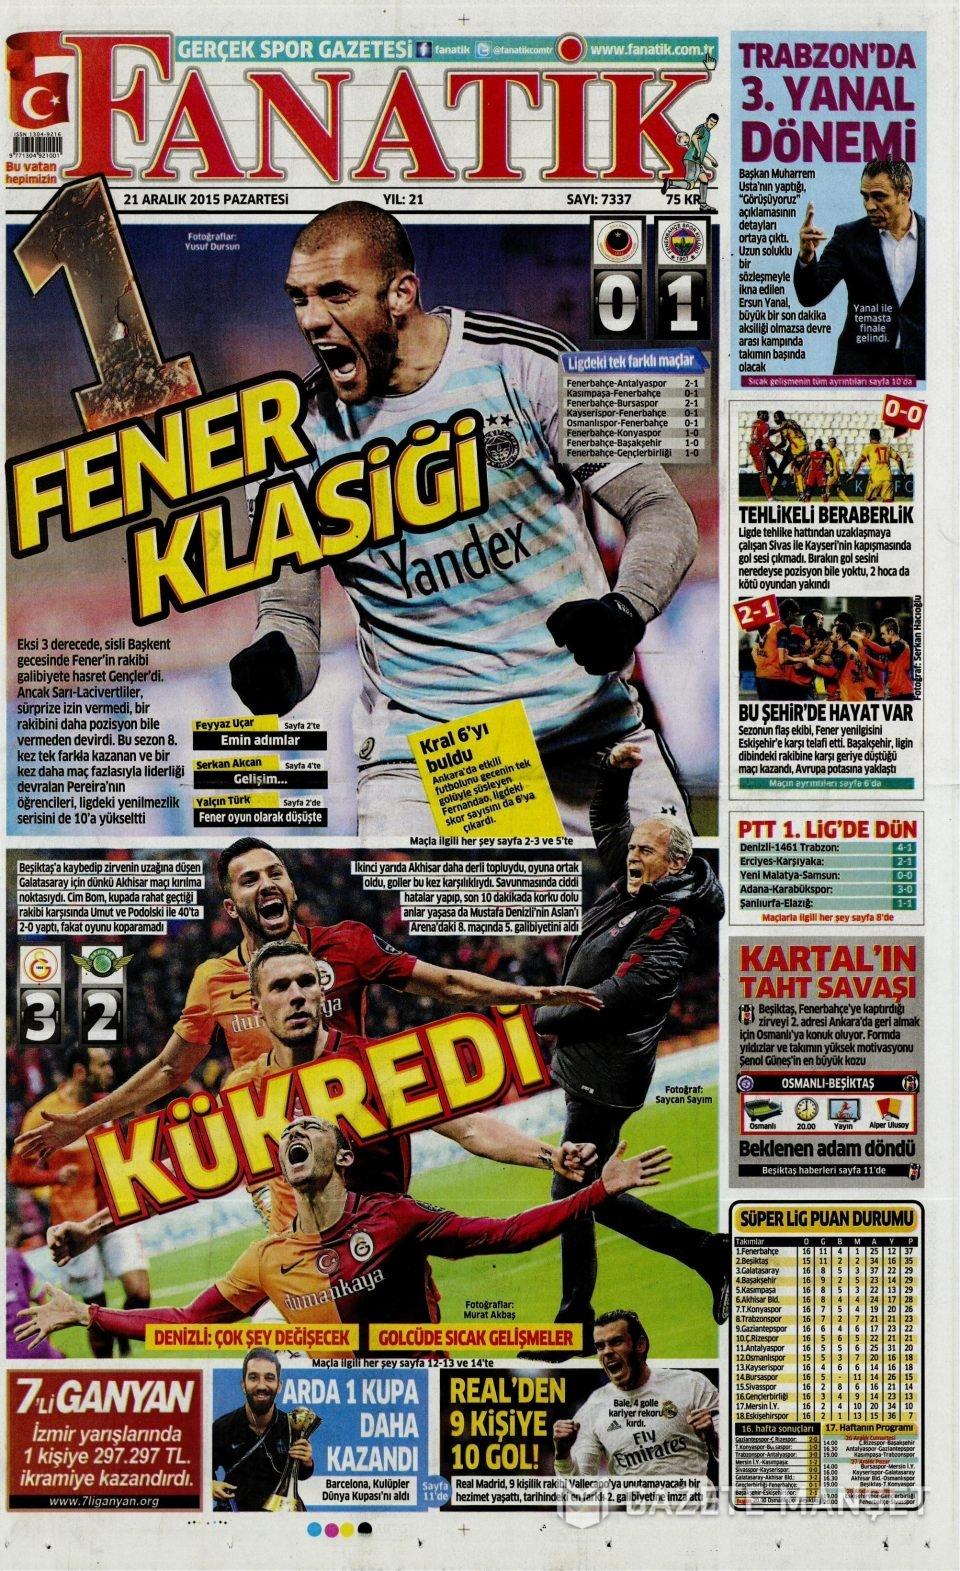 21 Aralık 2015 gazete manşetleri 29